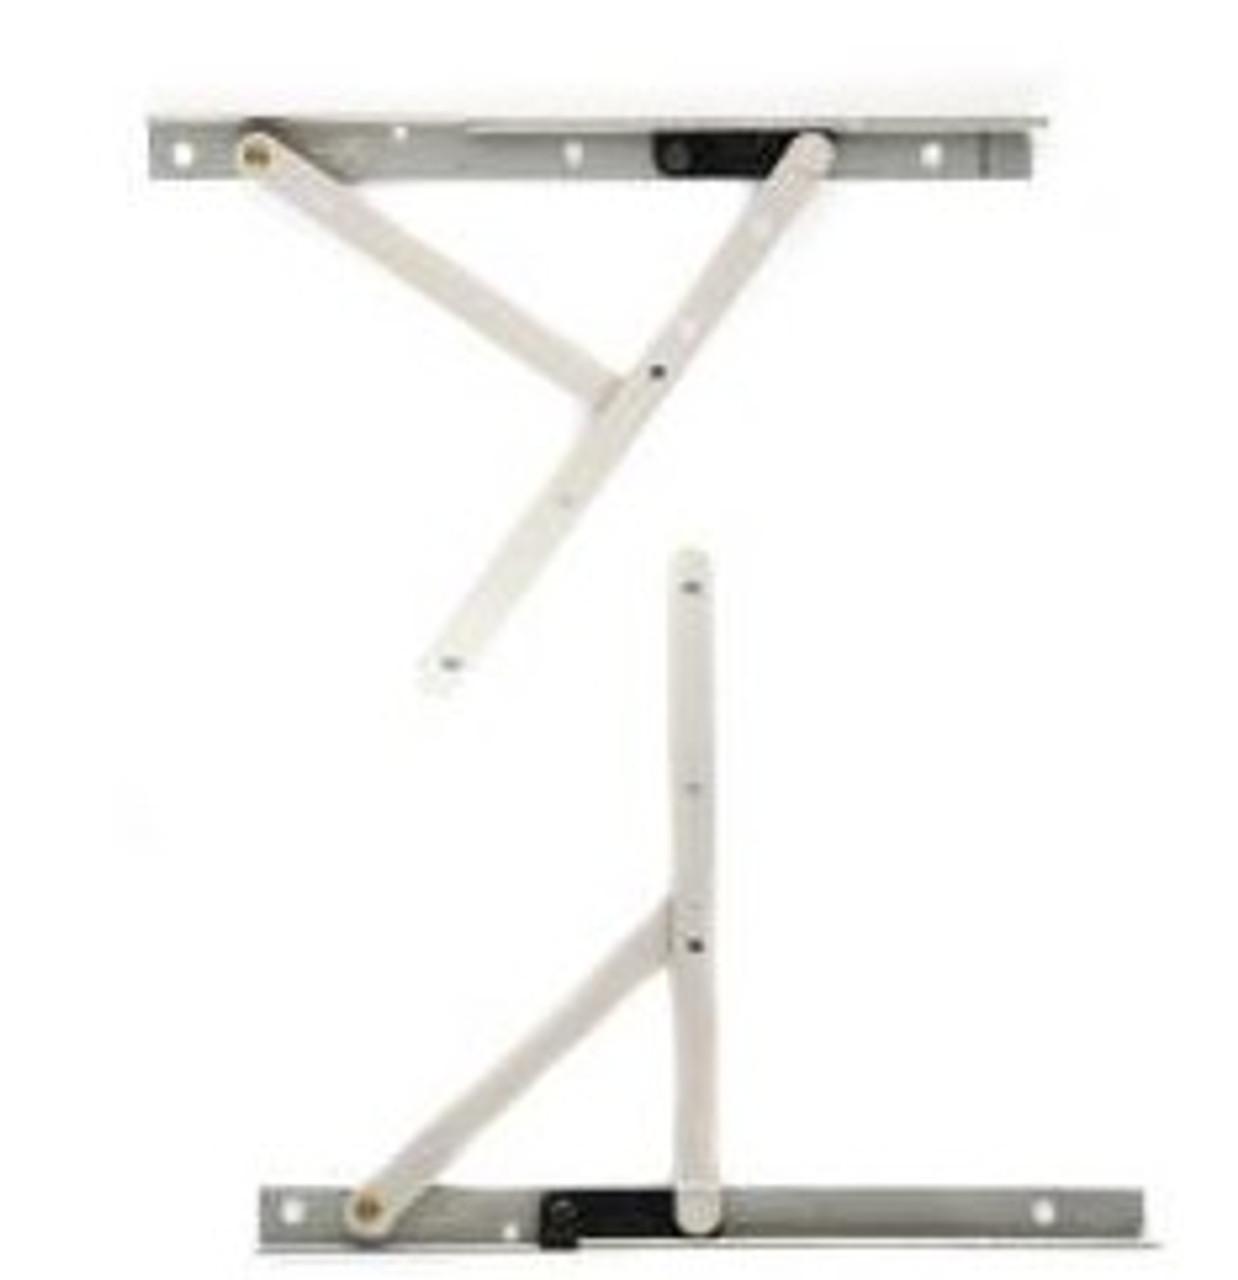 Shelter 10'' set  (hinge)Top & bottom set hinge arm & track -